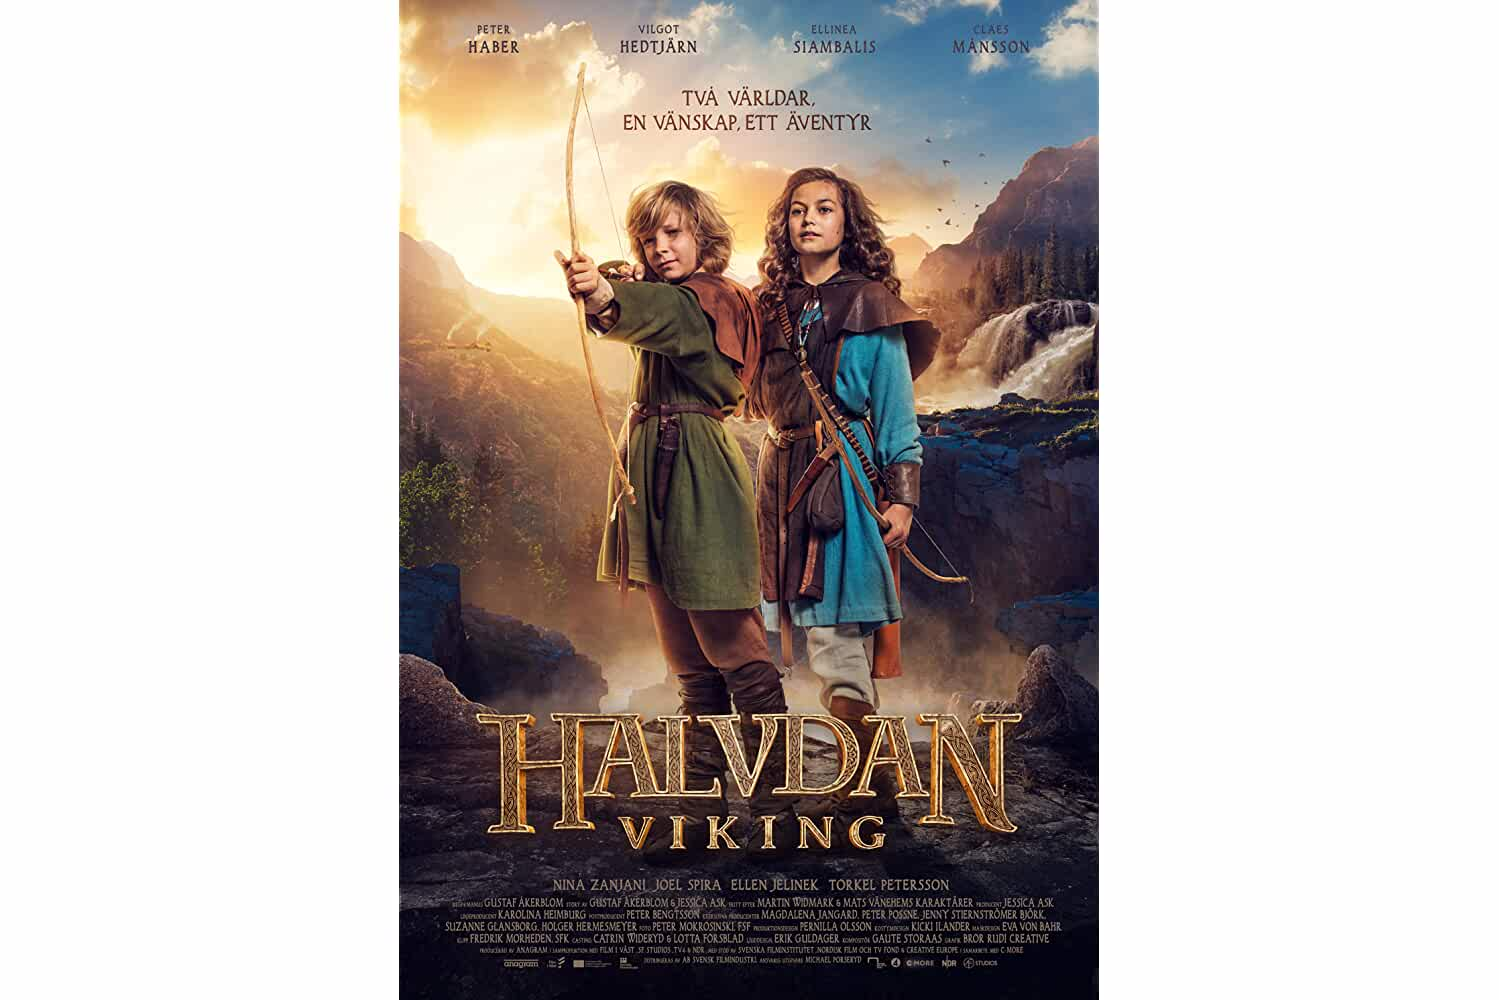 Halvdan Viking (2018)